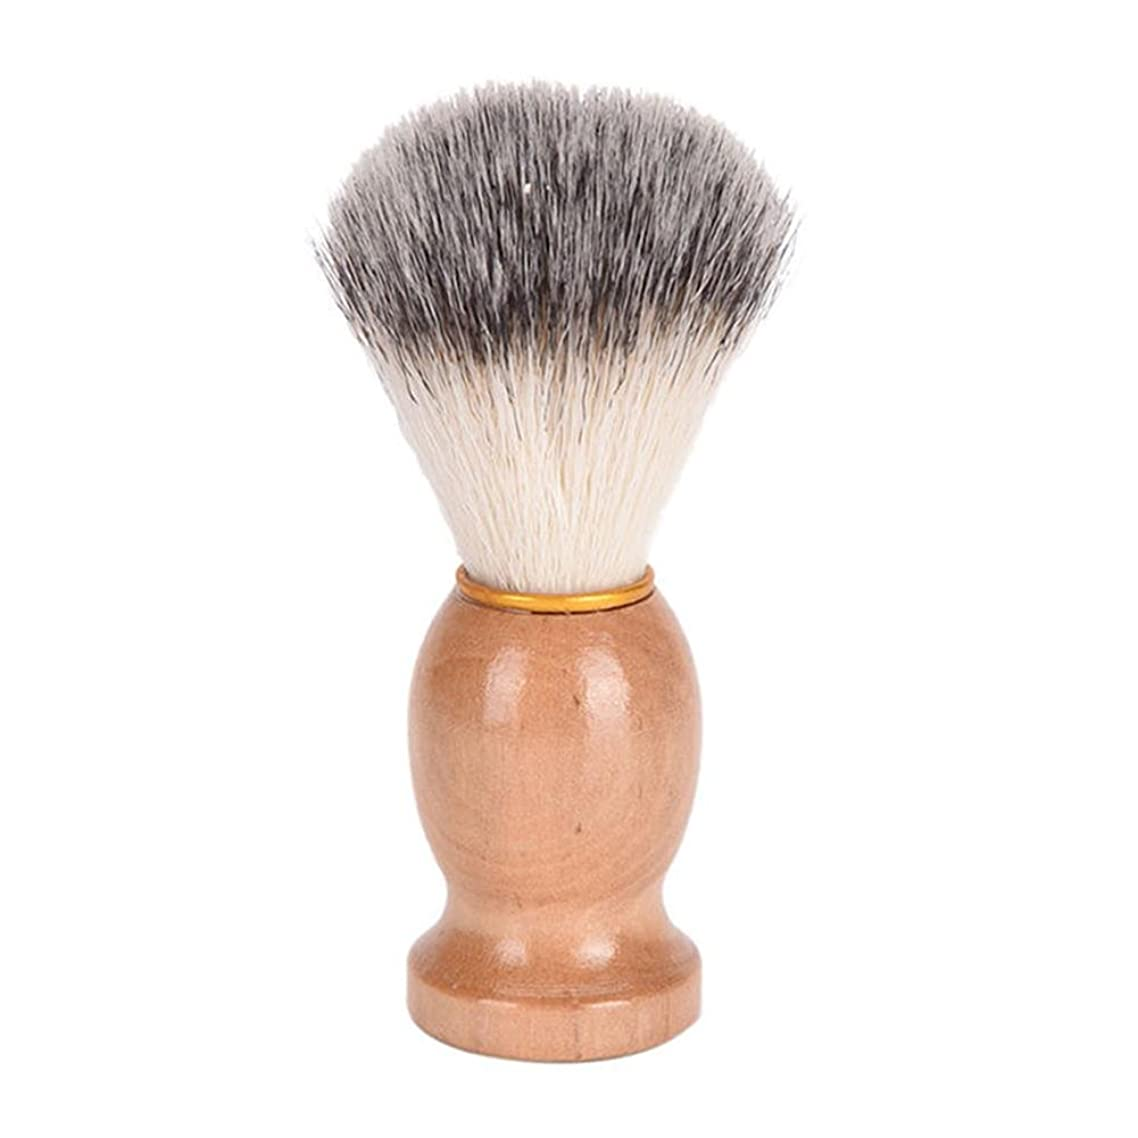 バラ色すり追い付くひげブラシ 髭ブラシ シェービング用アクセサリー メンズ用 髭剃り ブラシ シェービングブラシ 木製ハンドル 男性 ギフト理容 洗顔 髭剃り